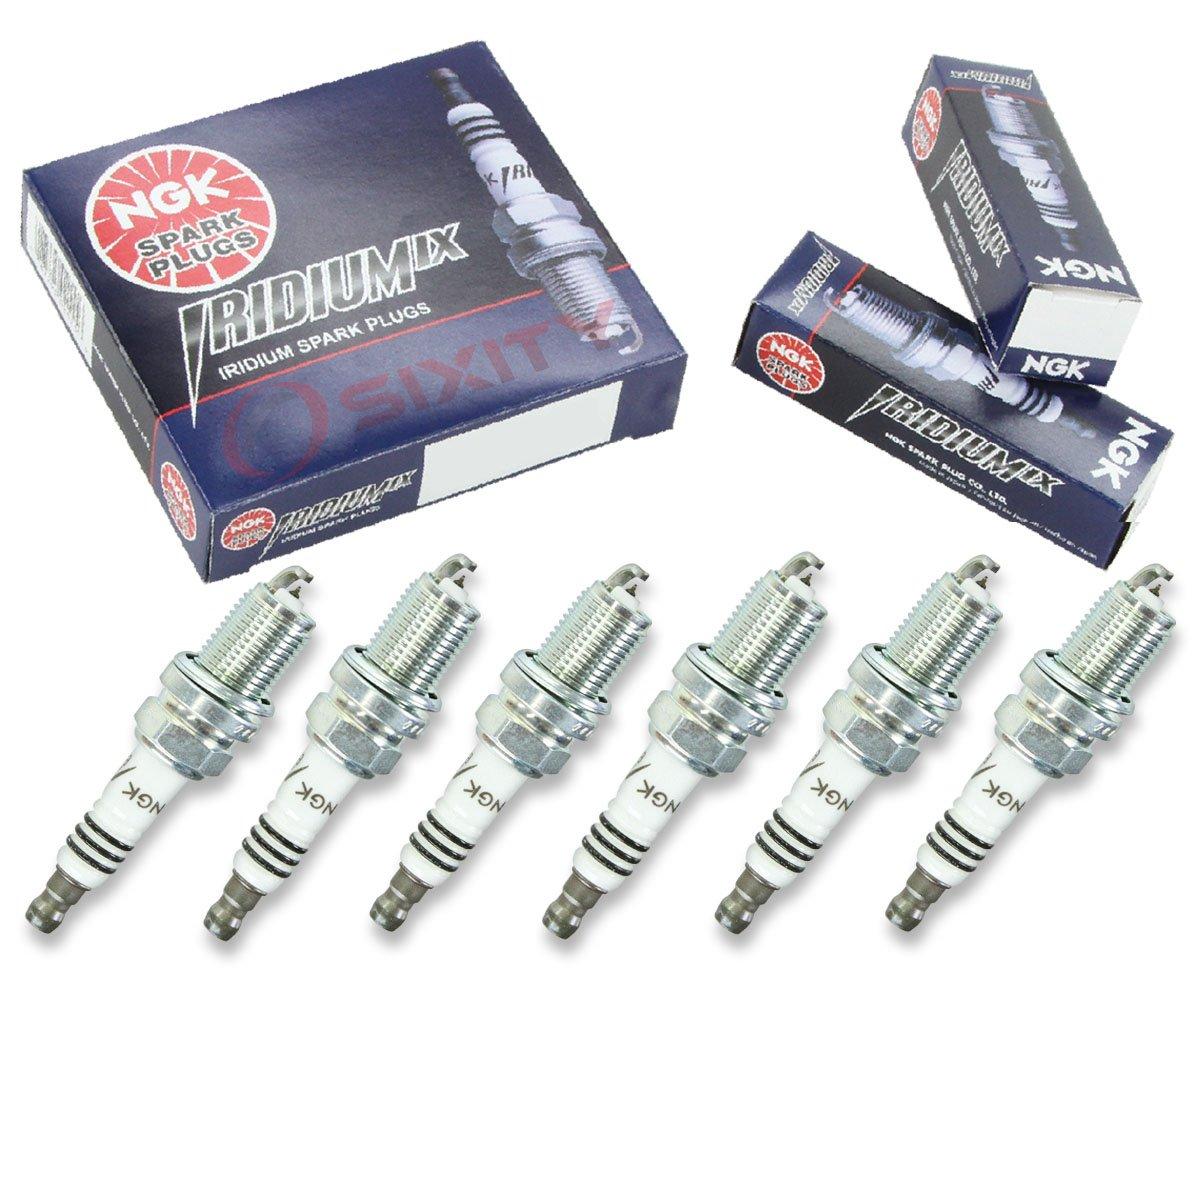 Amazon.com: NGK Iridium IX 6pcs Spark Plugs Mitsubishi Montero Sport 99-04 3.5L V6 Kit: Automotive